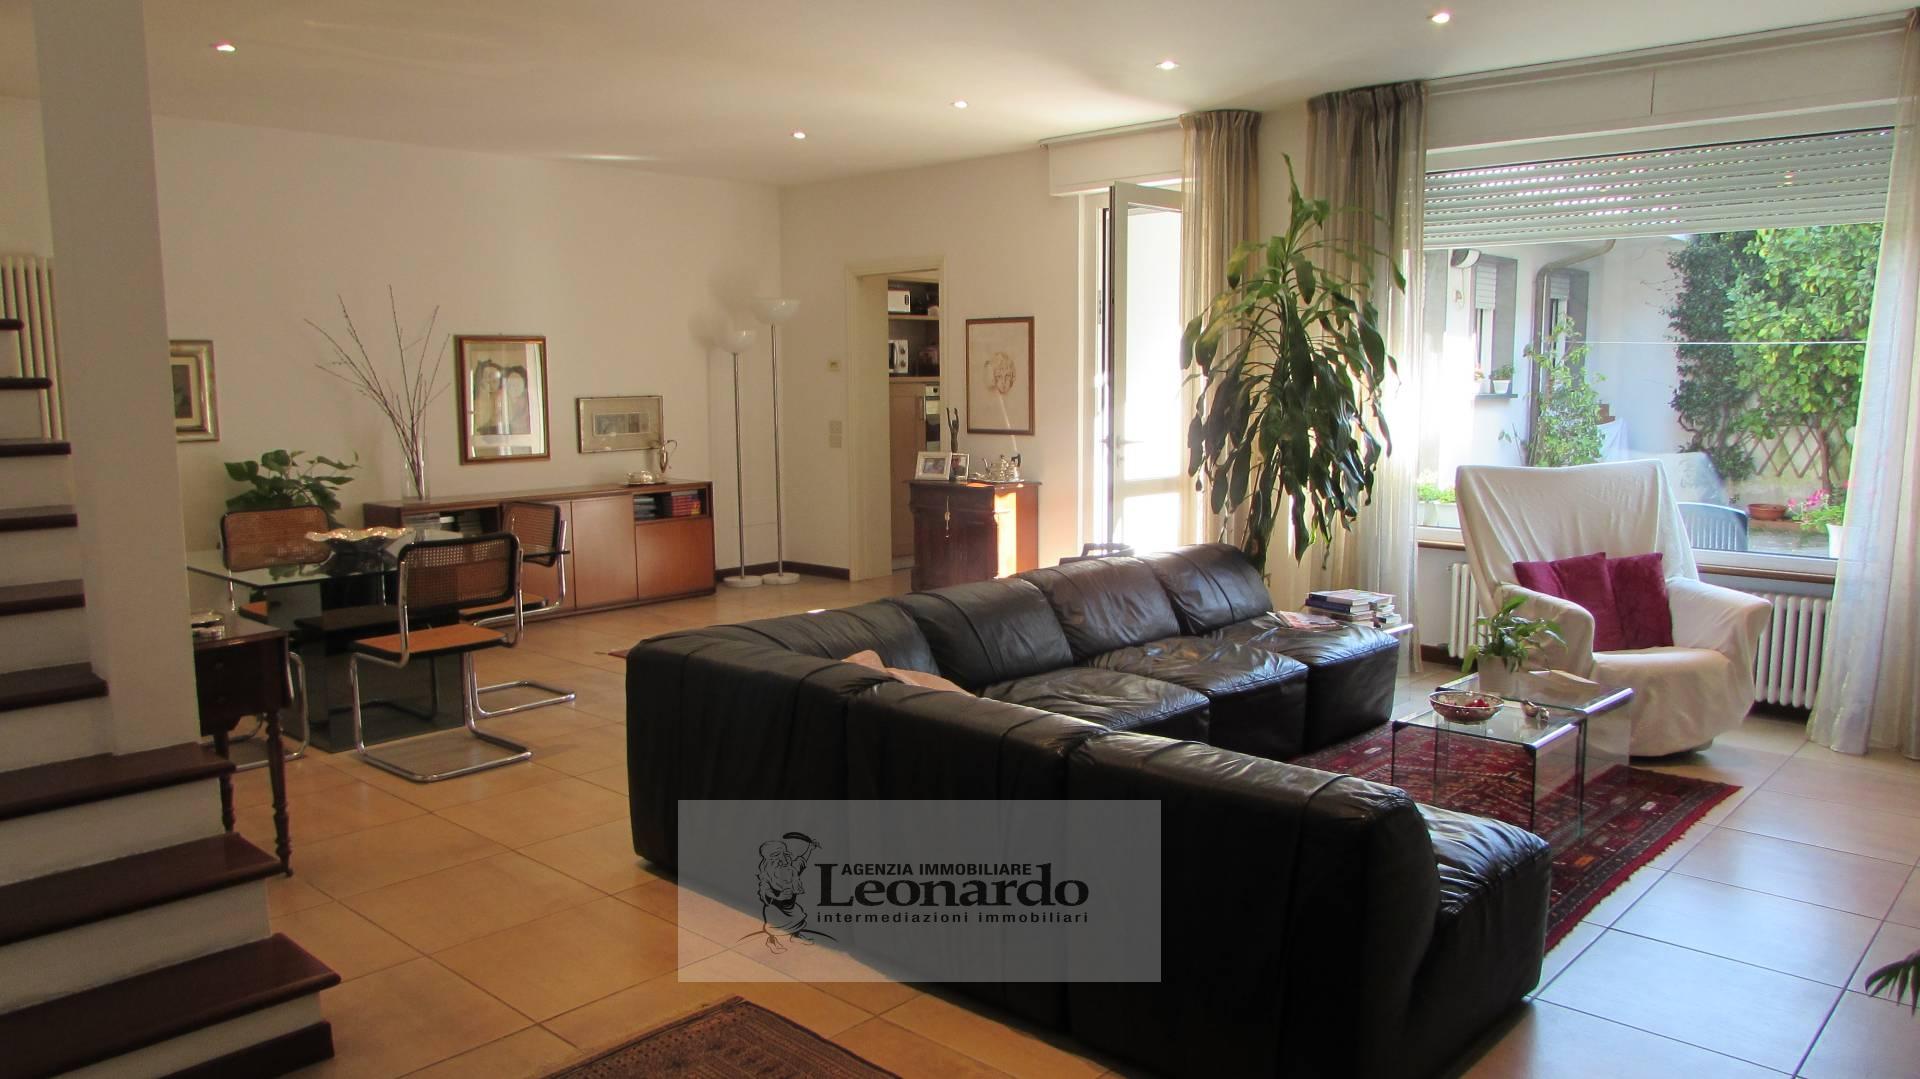 Soluzione Indipendente in vendita a Viareggio, 6 locali, zona Località: Darsena, prezzo € 460.000 | Cambio Casa.it